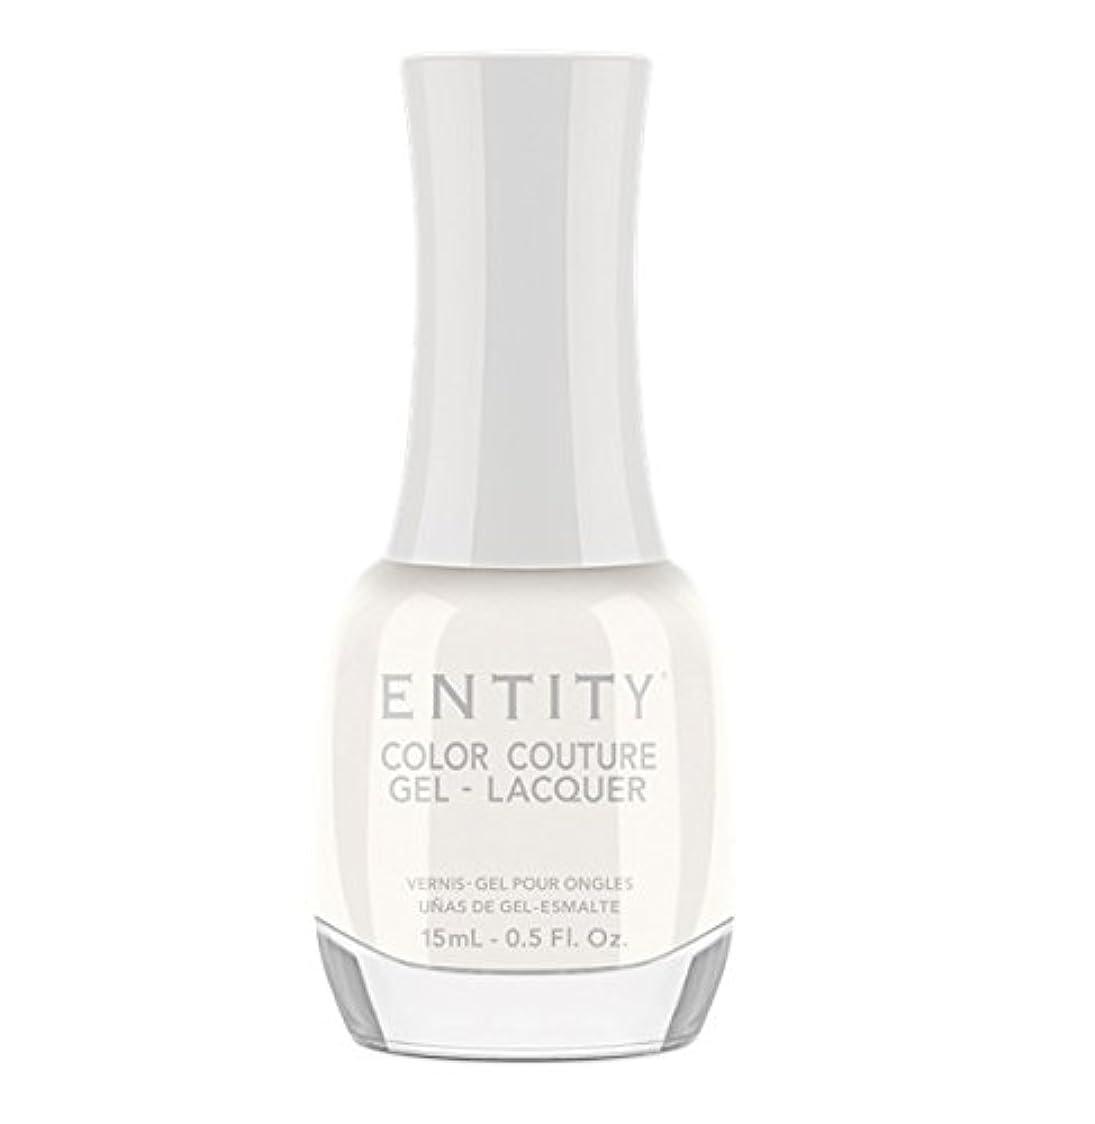 パウダーラウンジ開始Entity Color Couture Gel-Lacquer - Nothing To Wear - 15 ml/0.5 oz